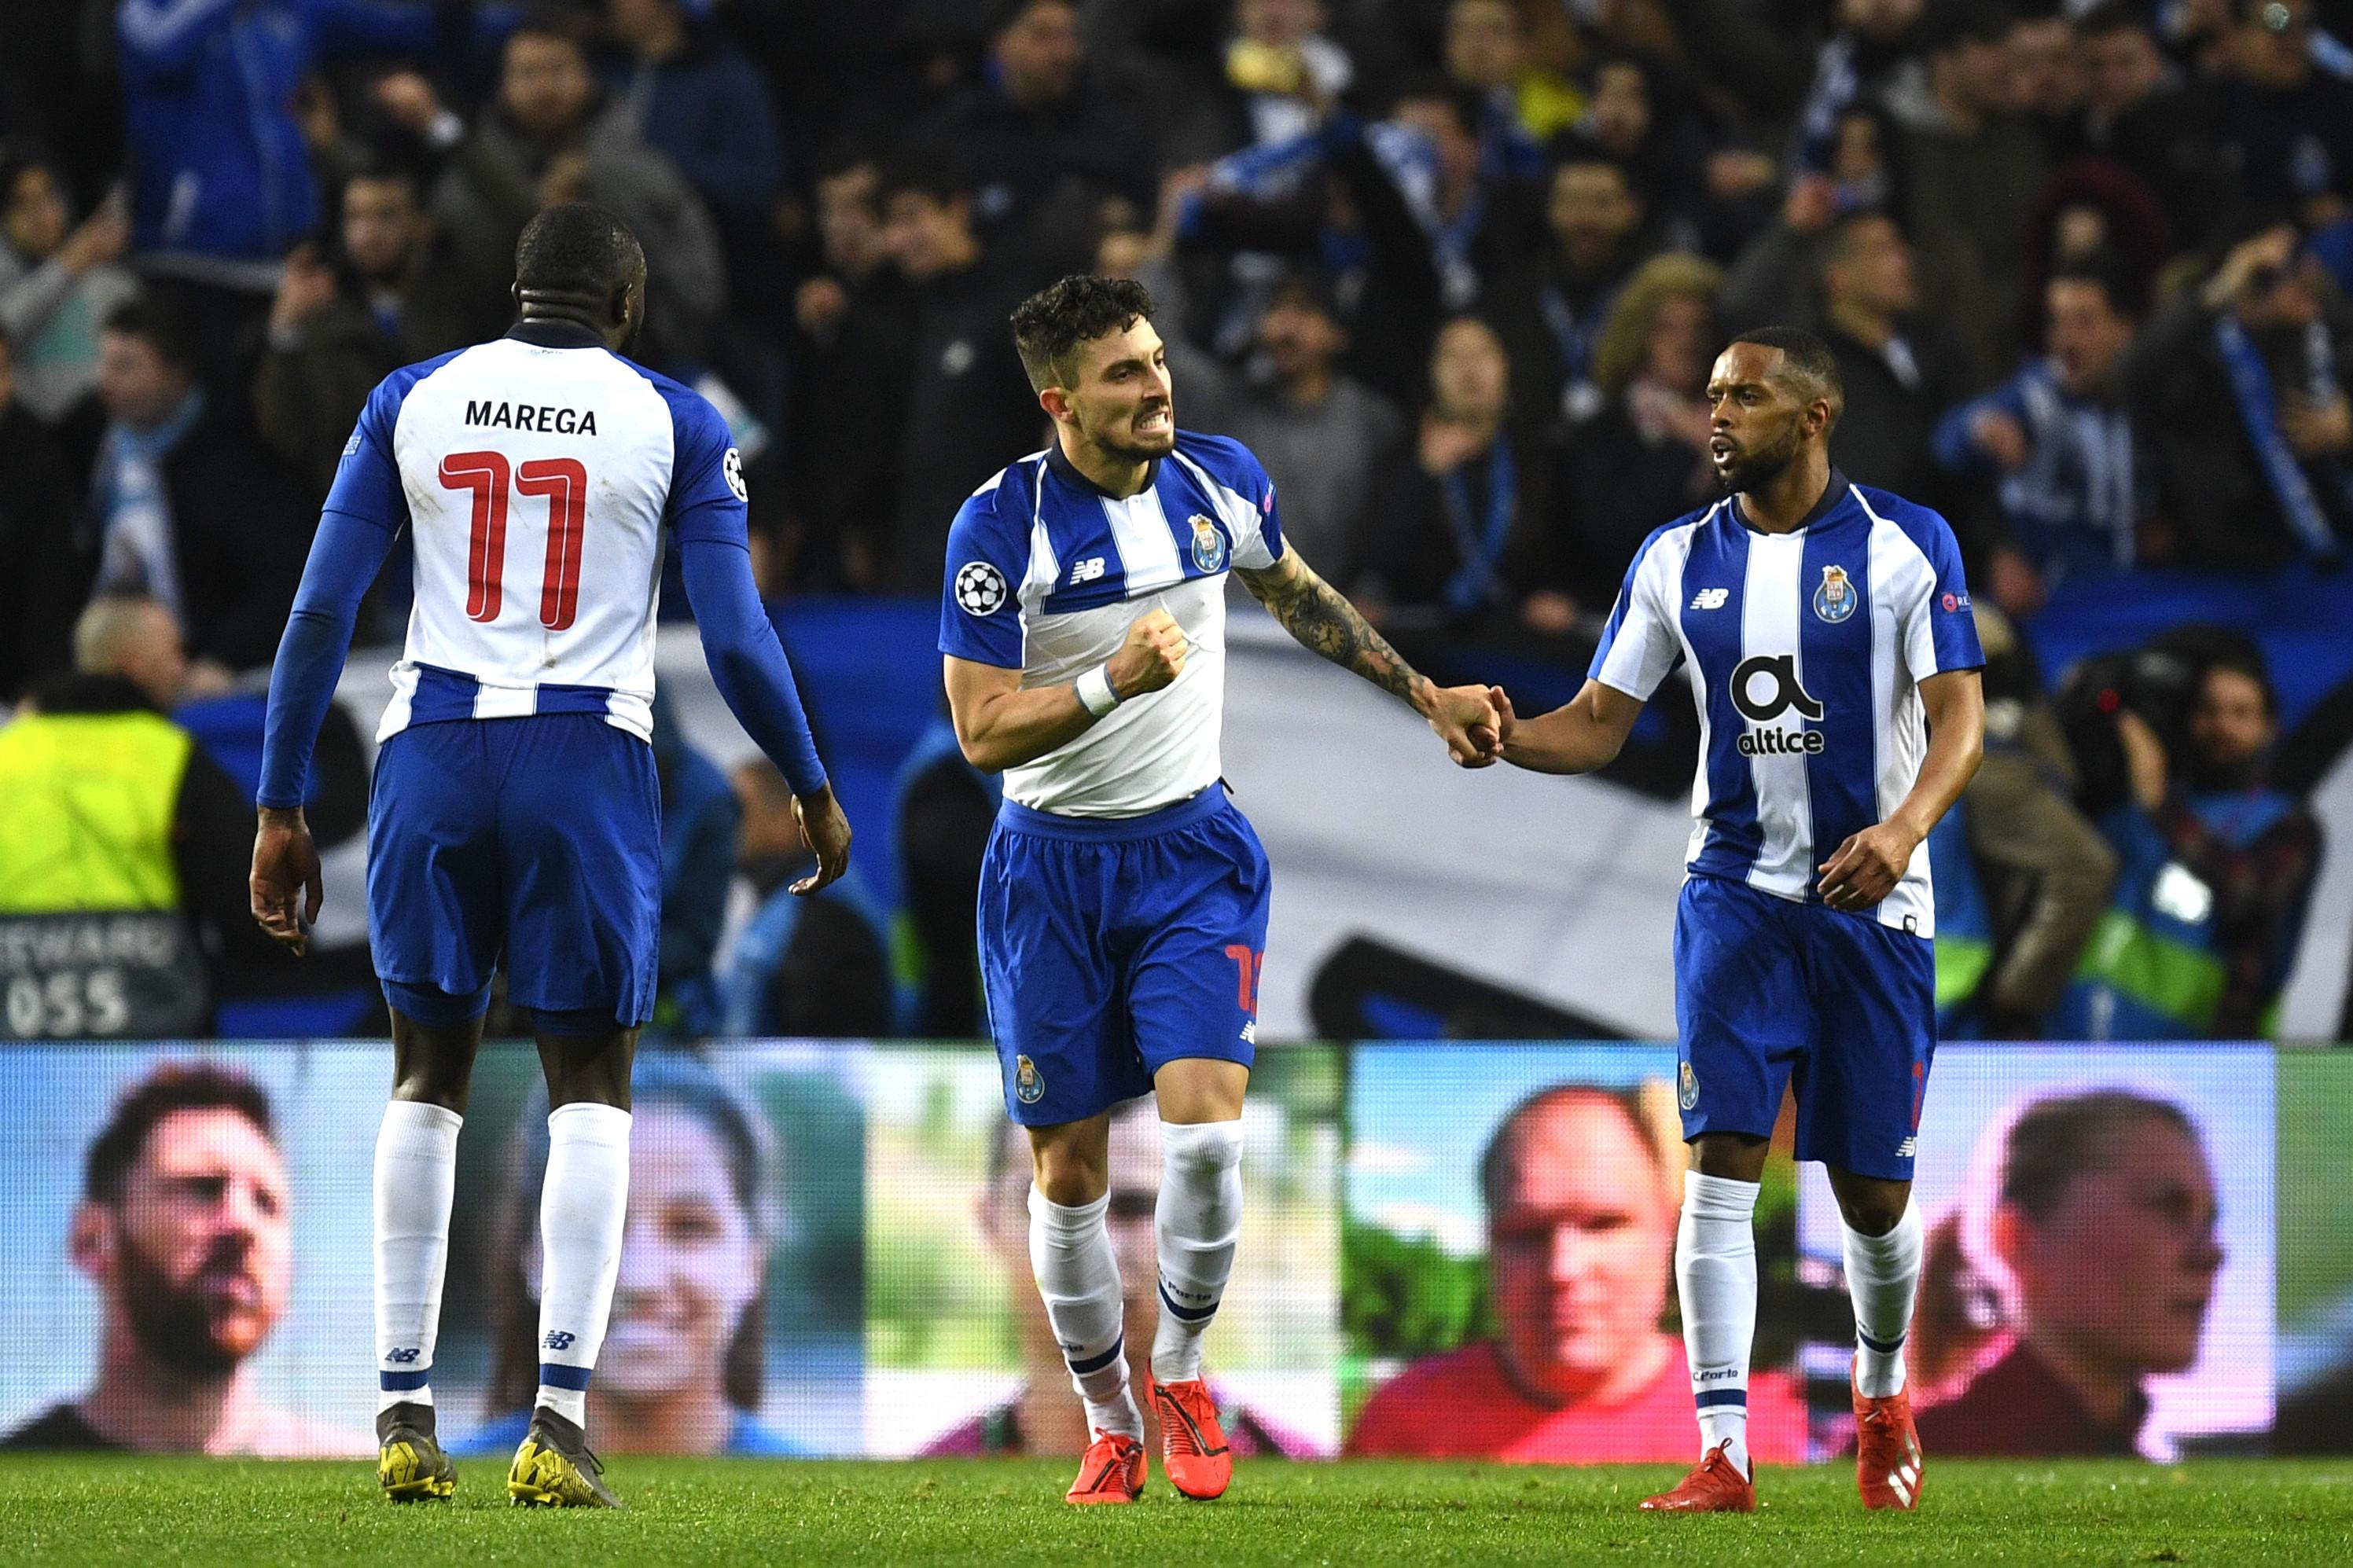 Quem é o menos favoritos a ganhar a Champions? A resposta é... FC Porto